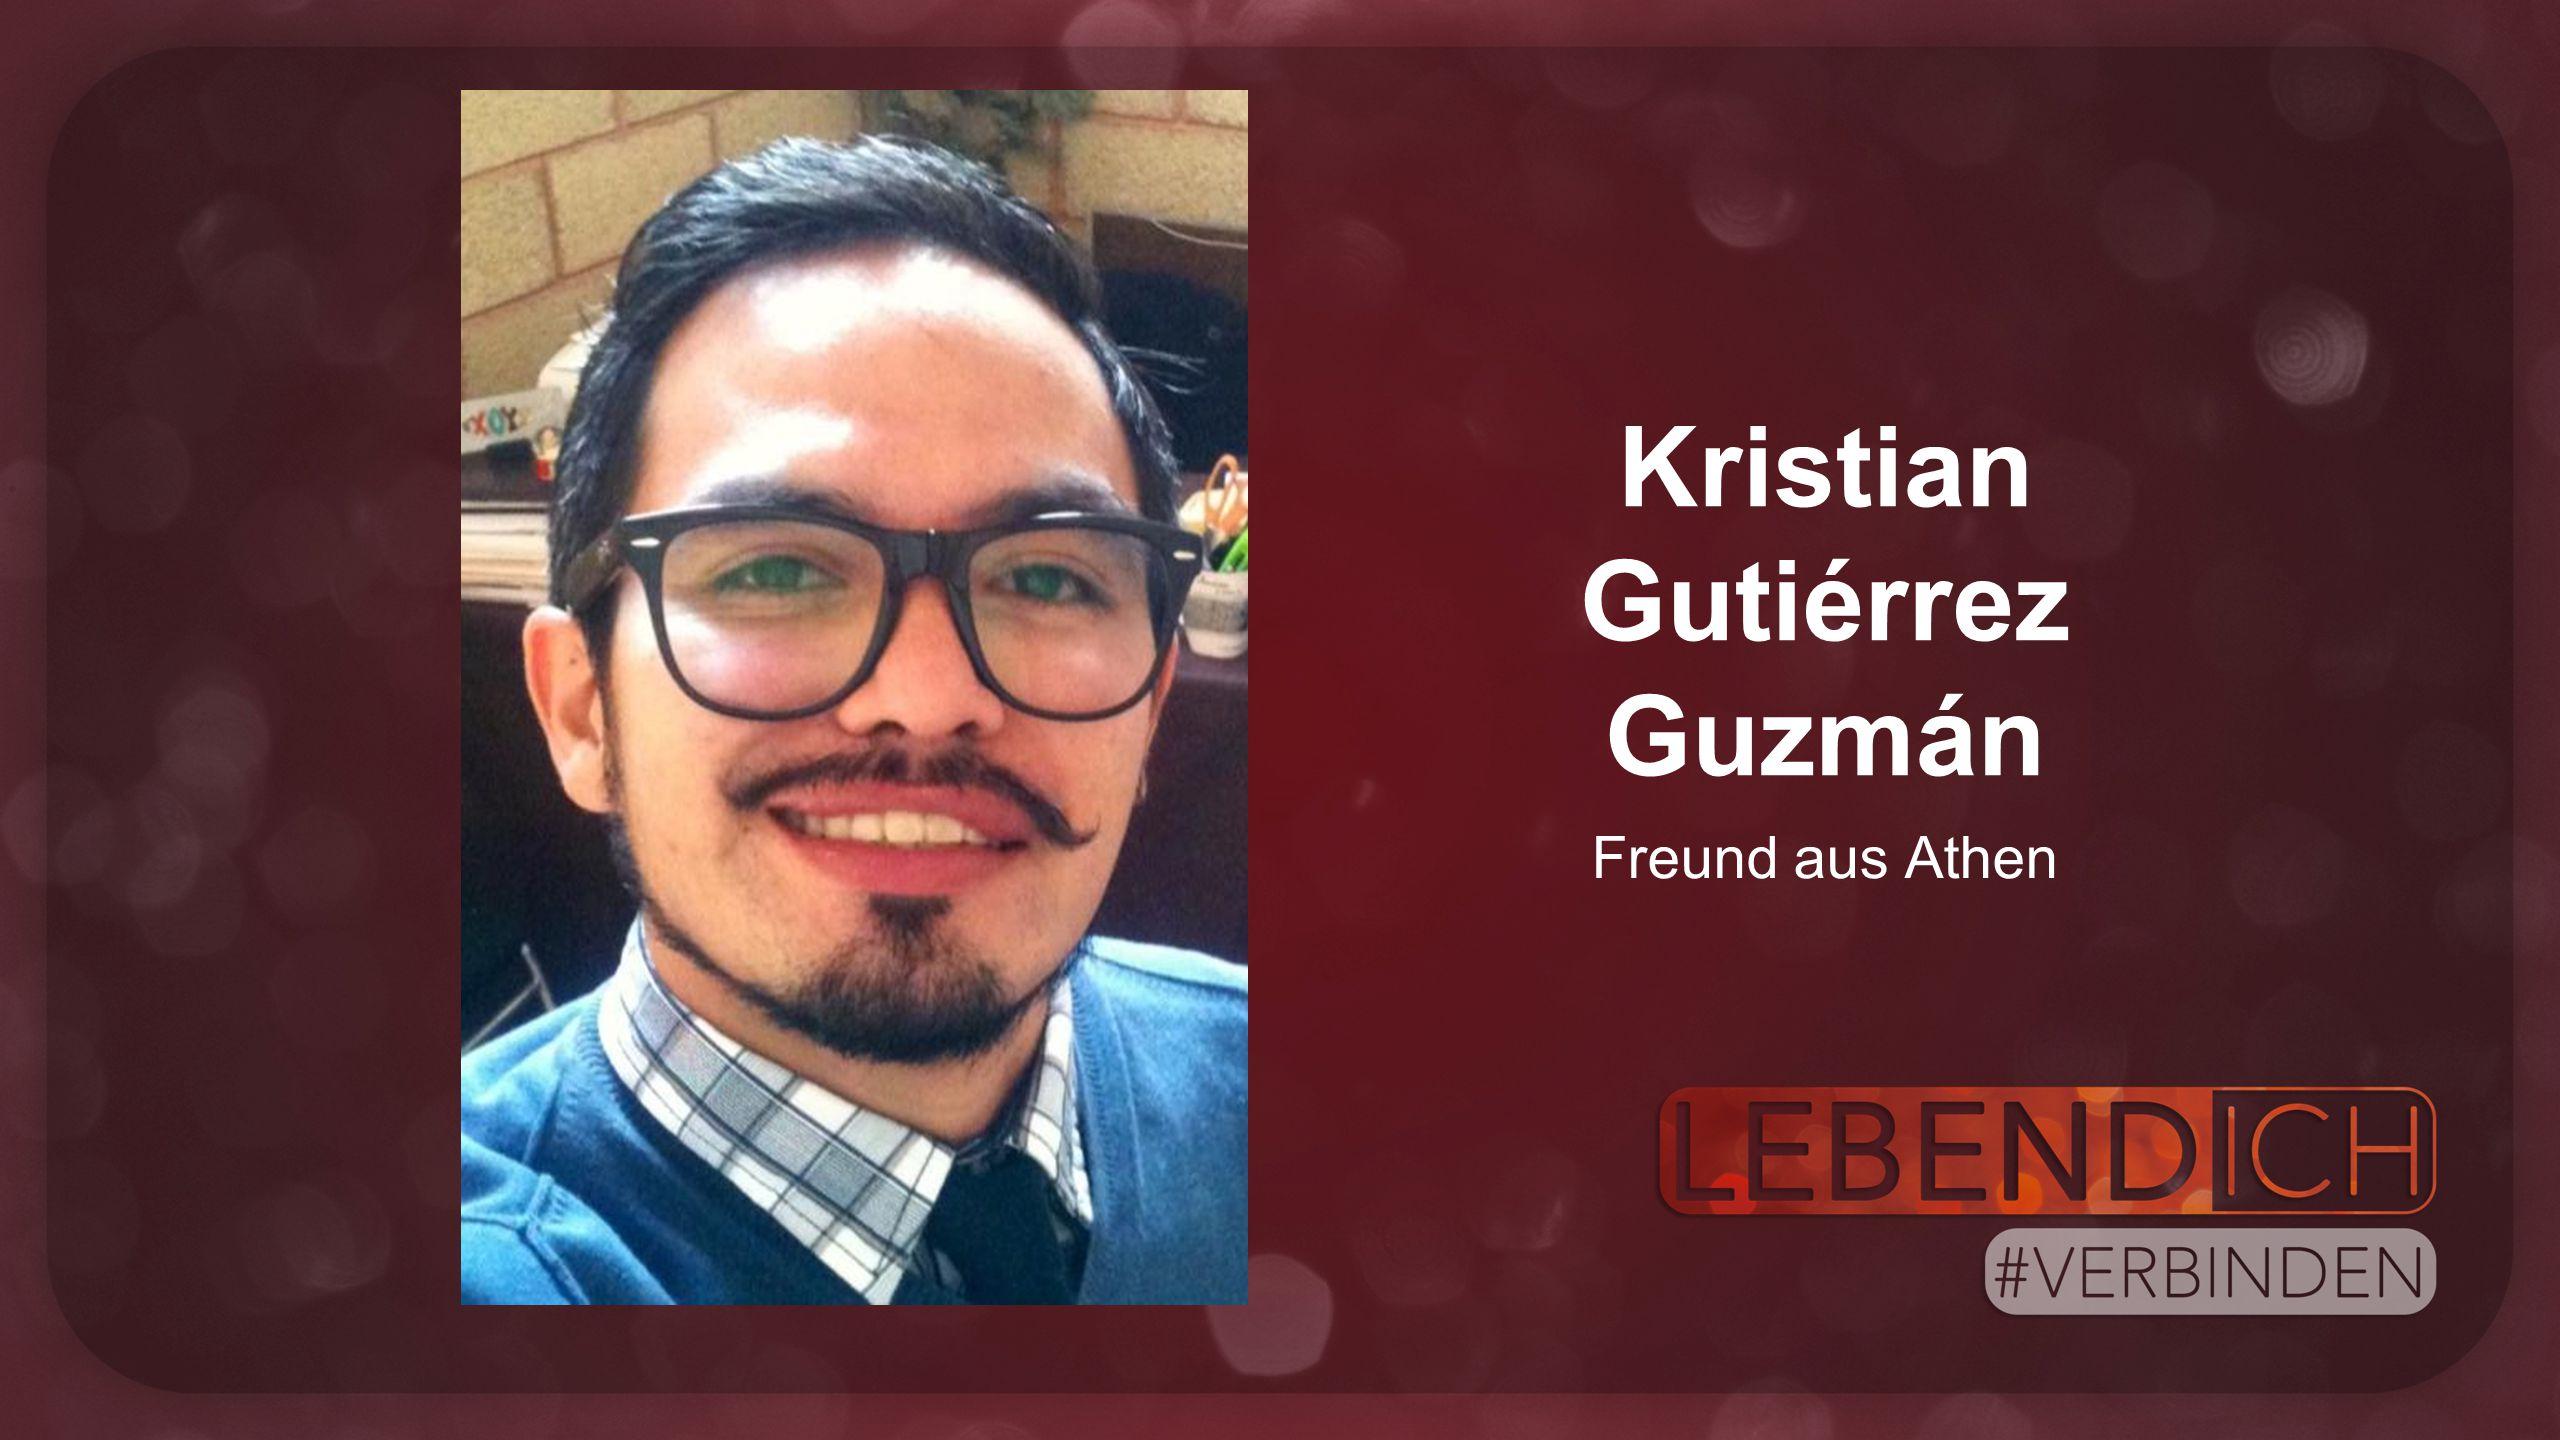 Kristian Gutiérrez Guzmán Freund aus Athen